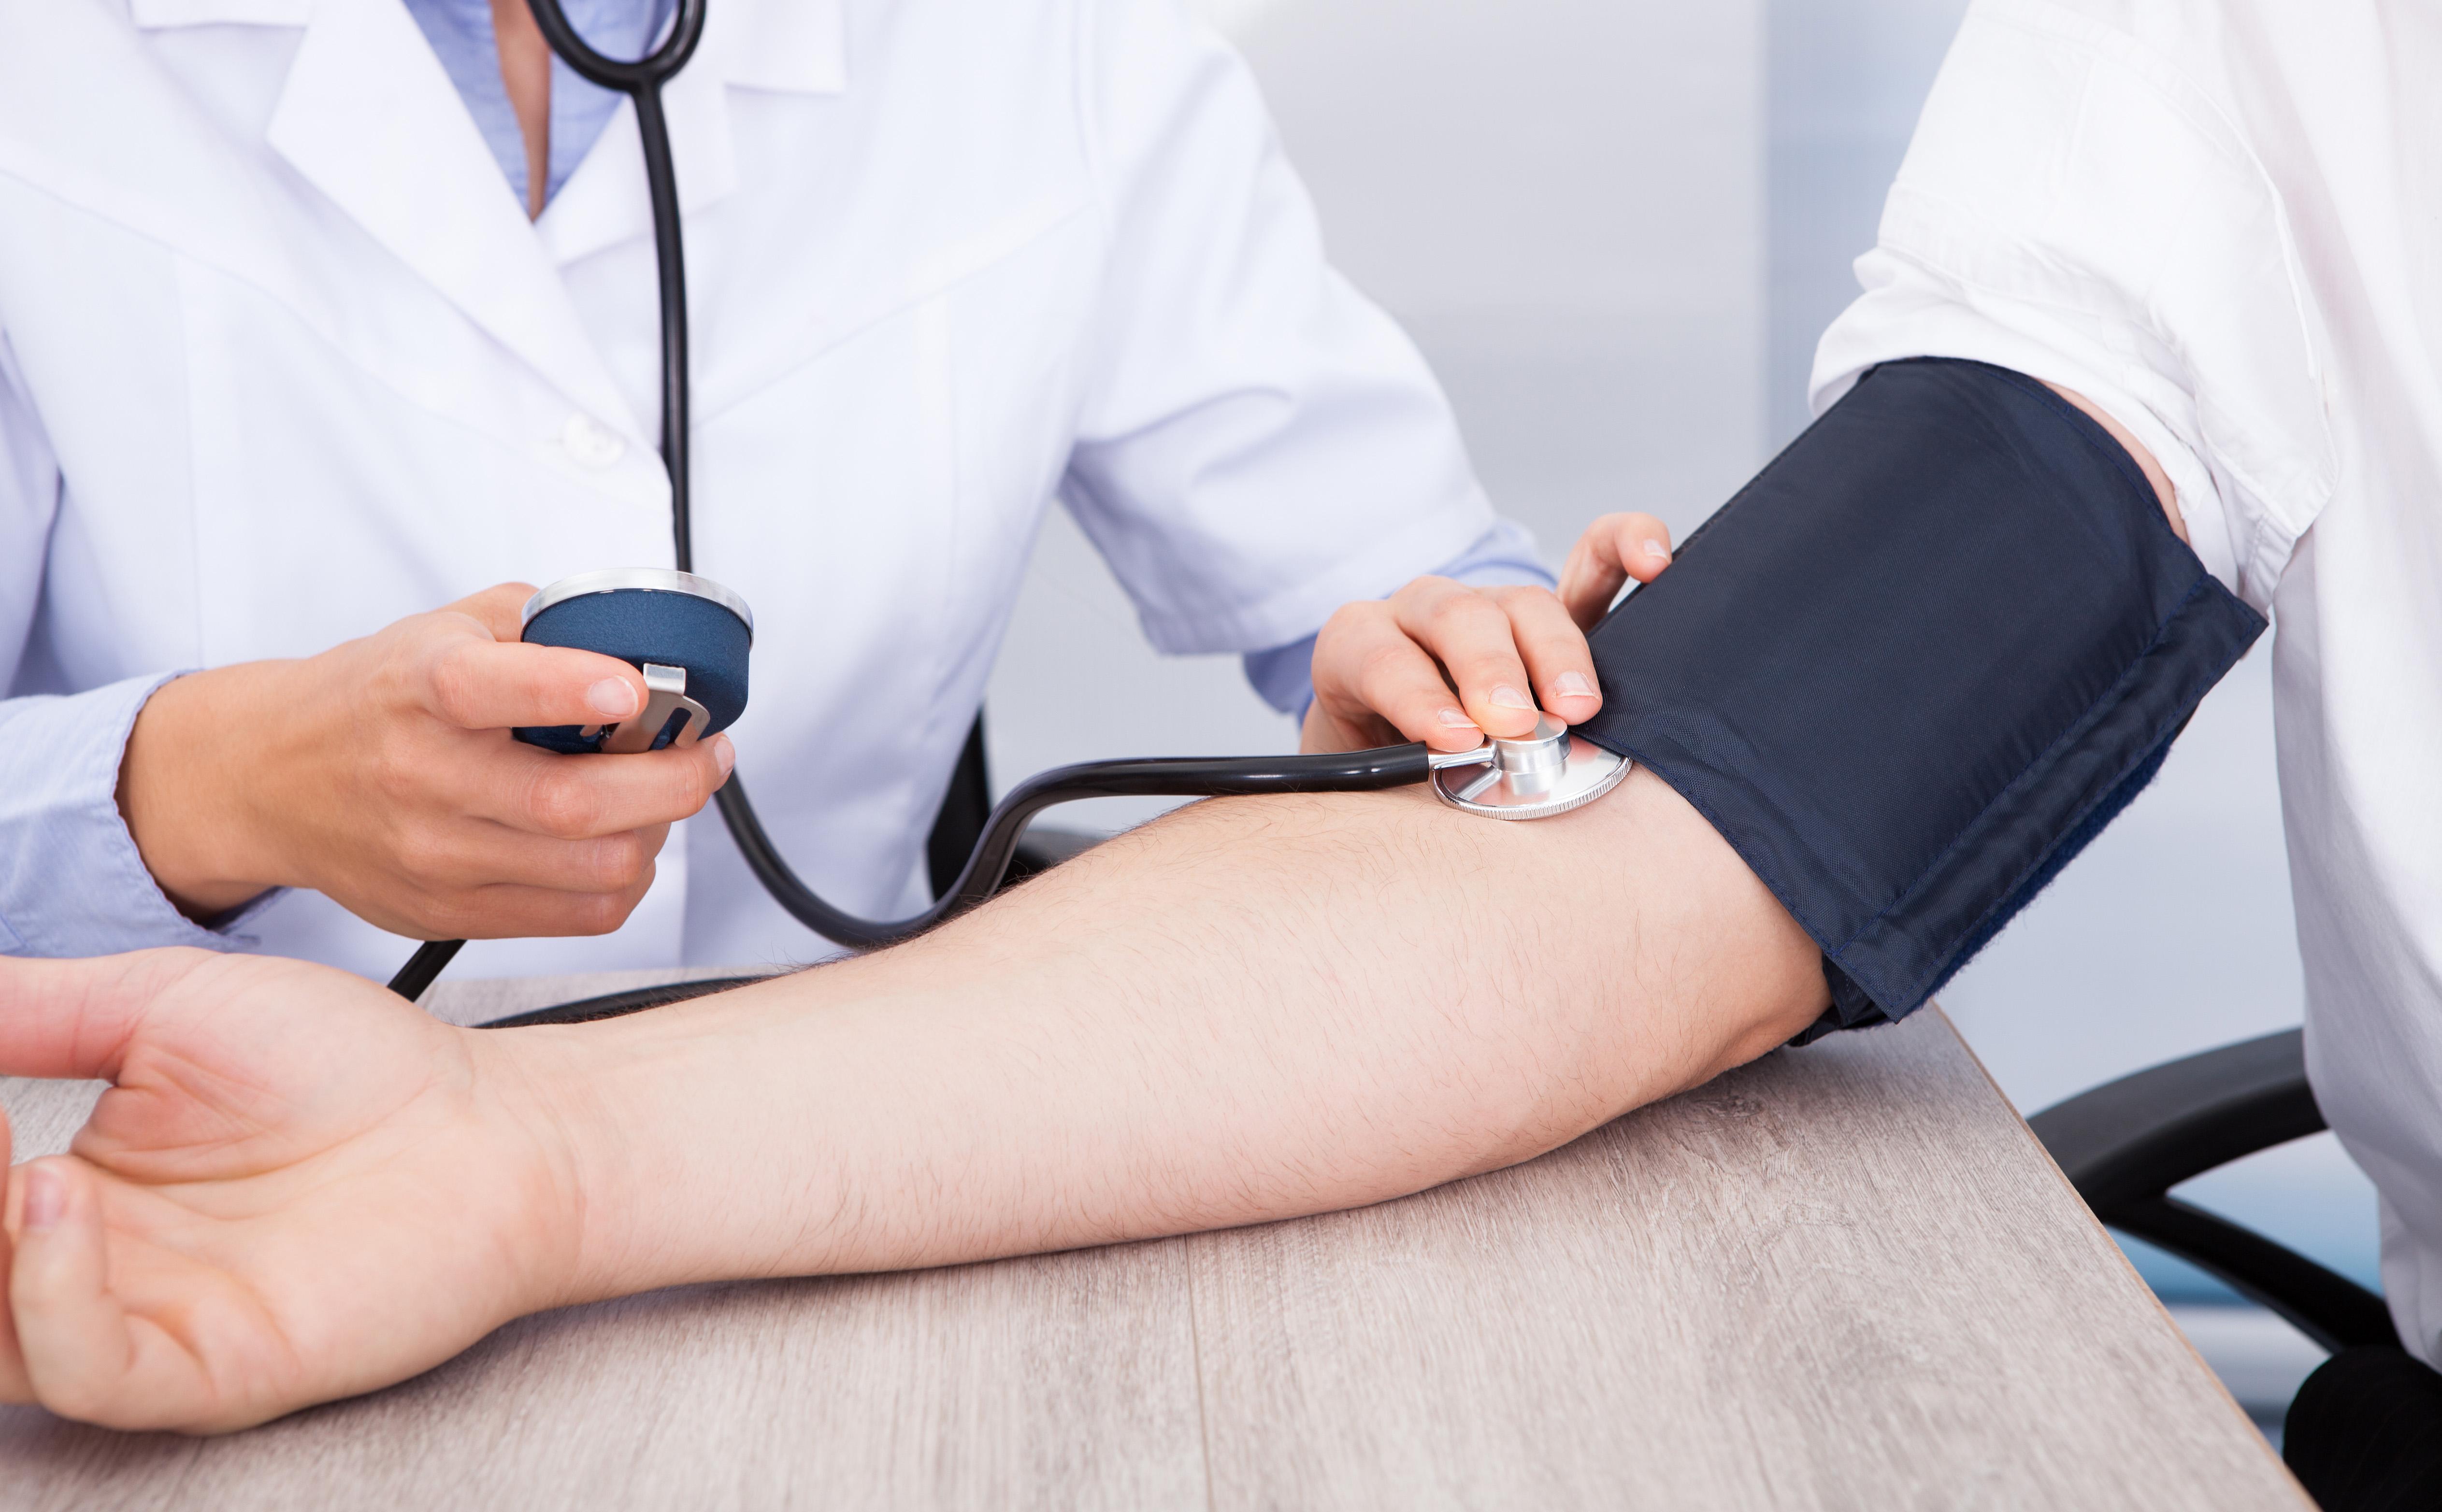 gyógyítható-e az örökletes hipertónia Magnelis B6 a magas vérnyomásról